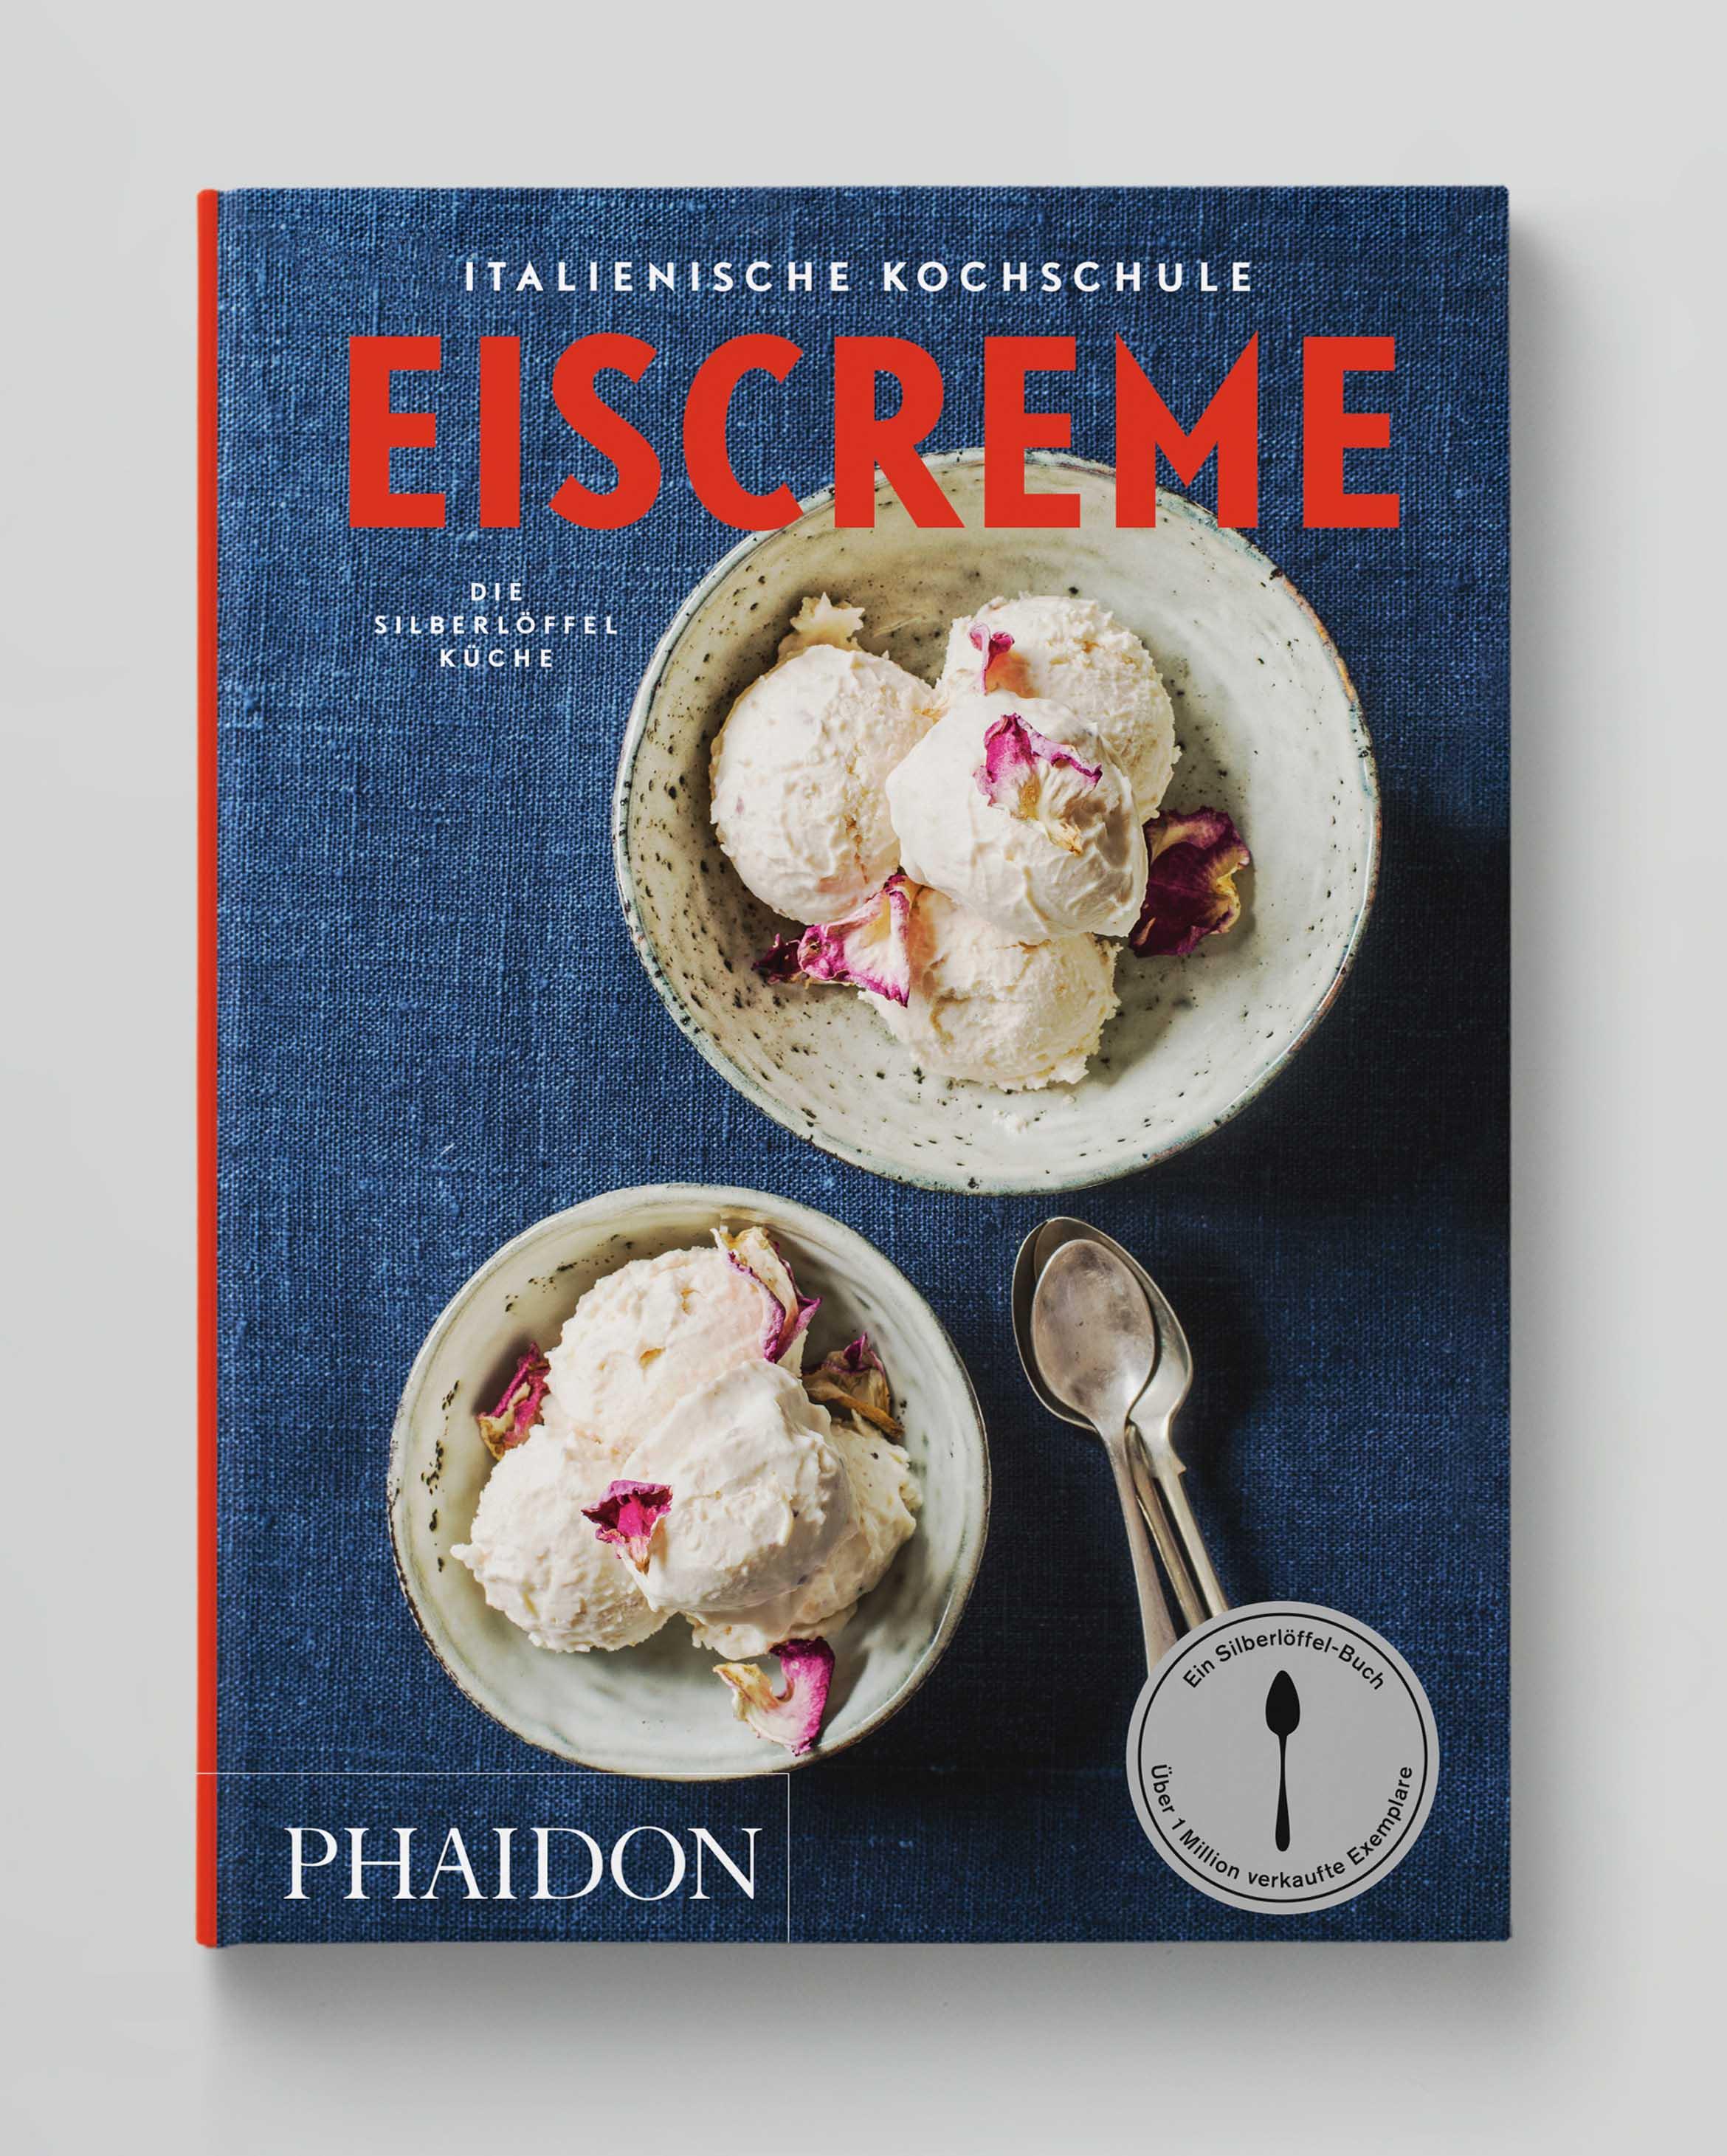 Italienische Kochschule Eiscreme Die Silberlöffel Küche Phaidon Cover